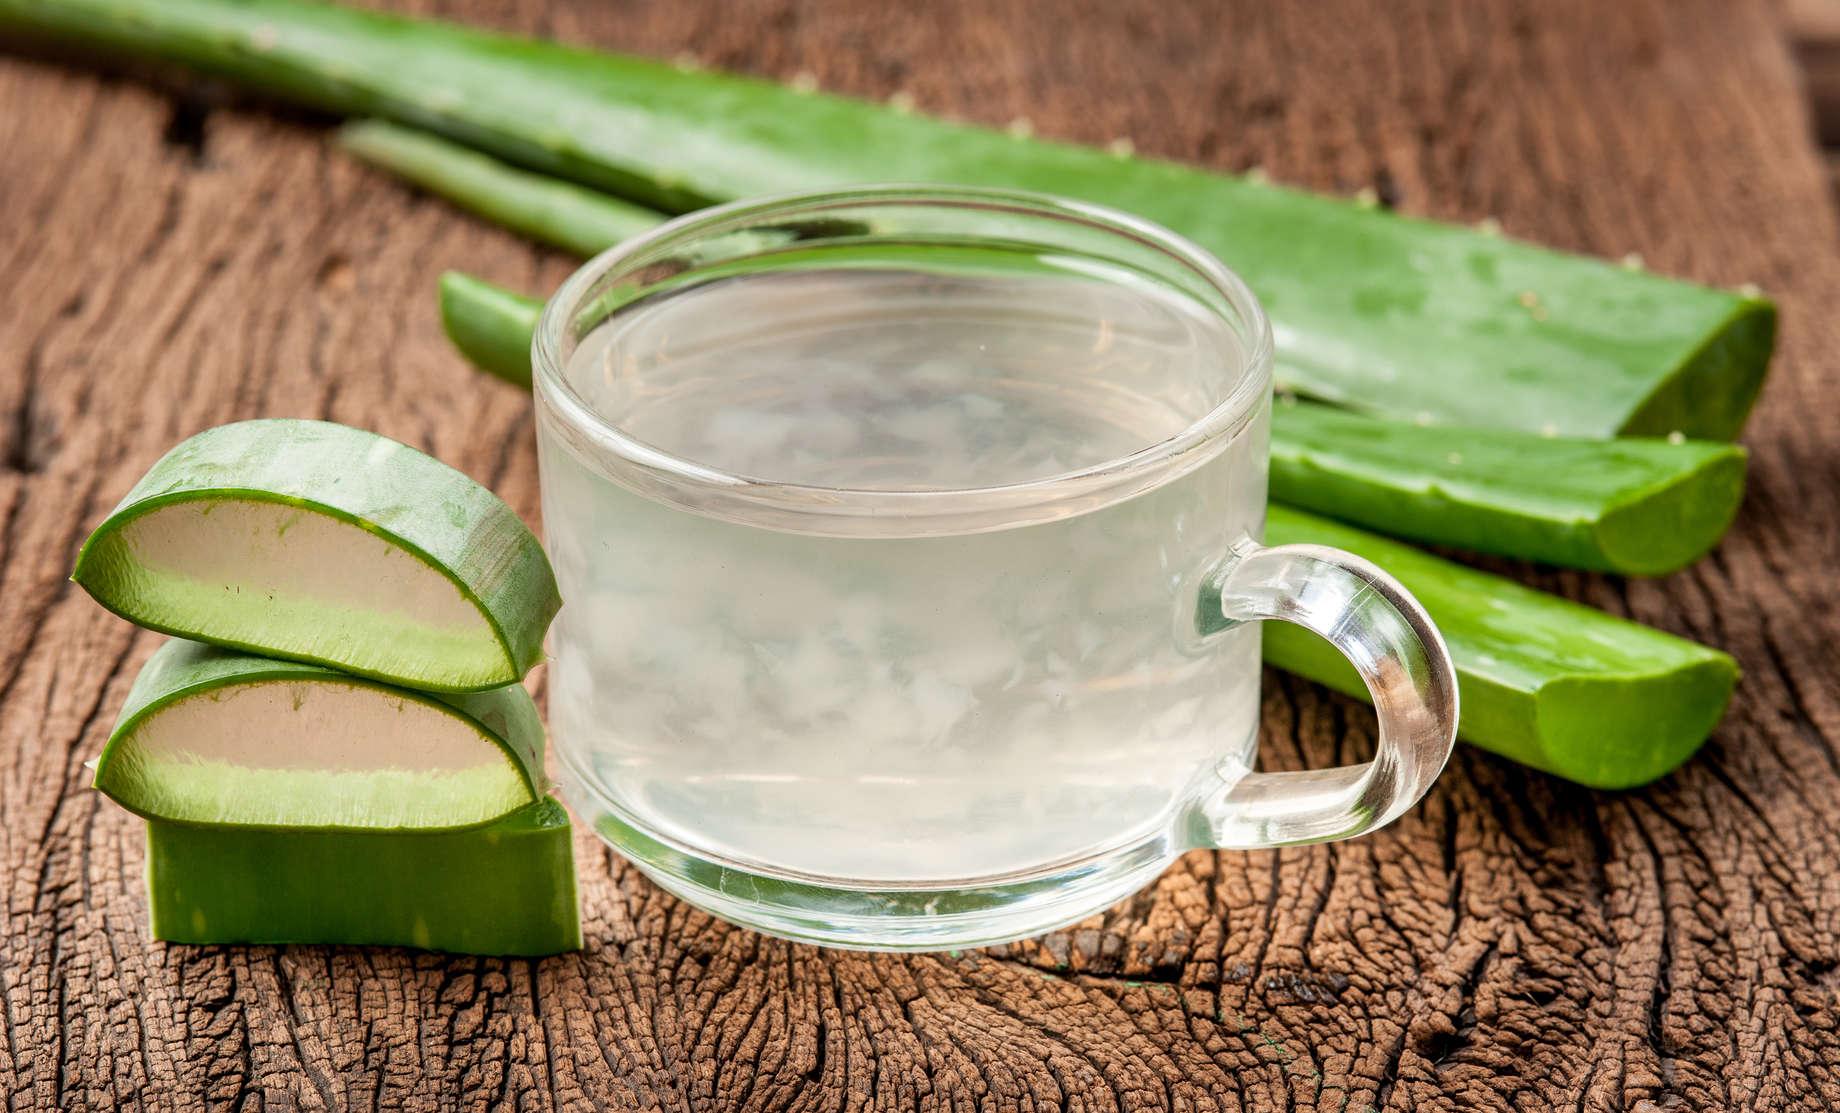 Aloe vera jeli içmenin insan sağlığına faydaları